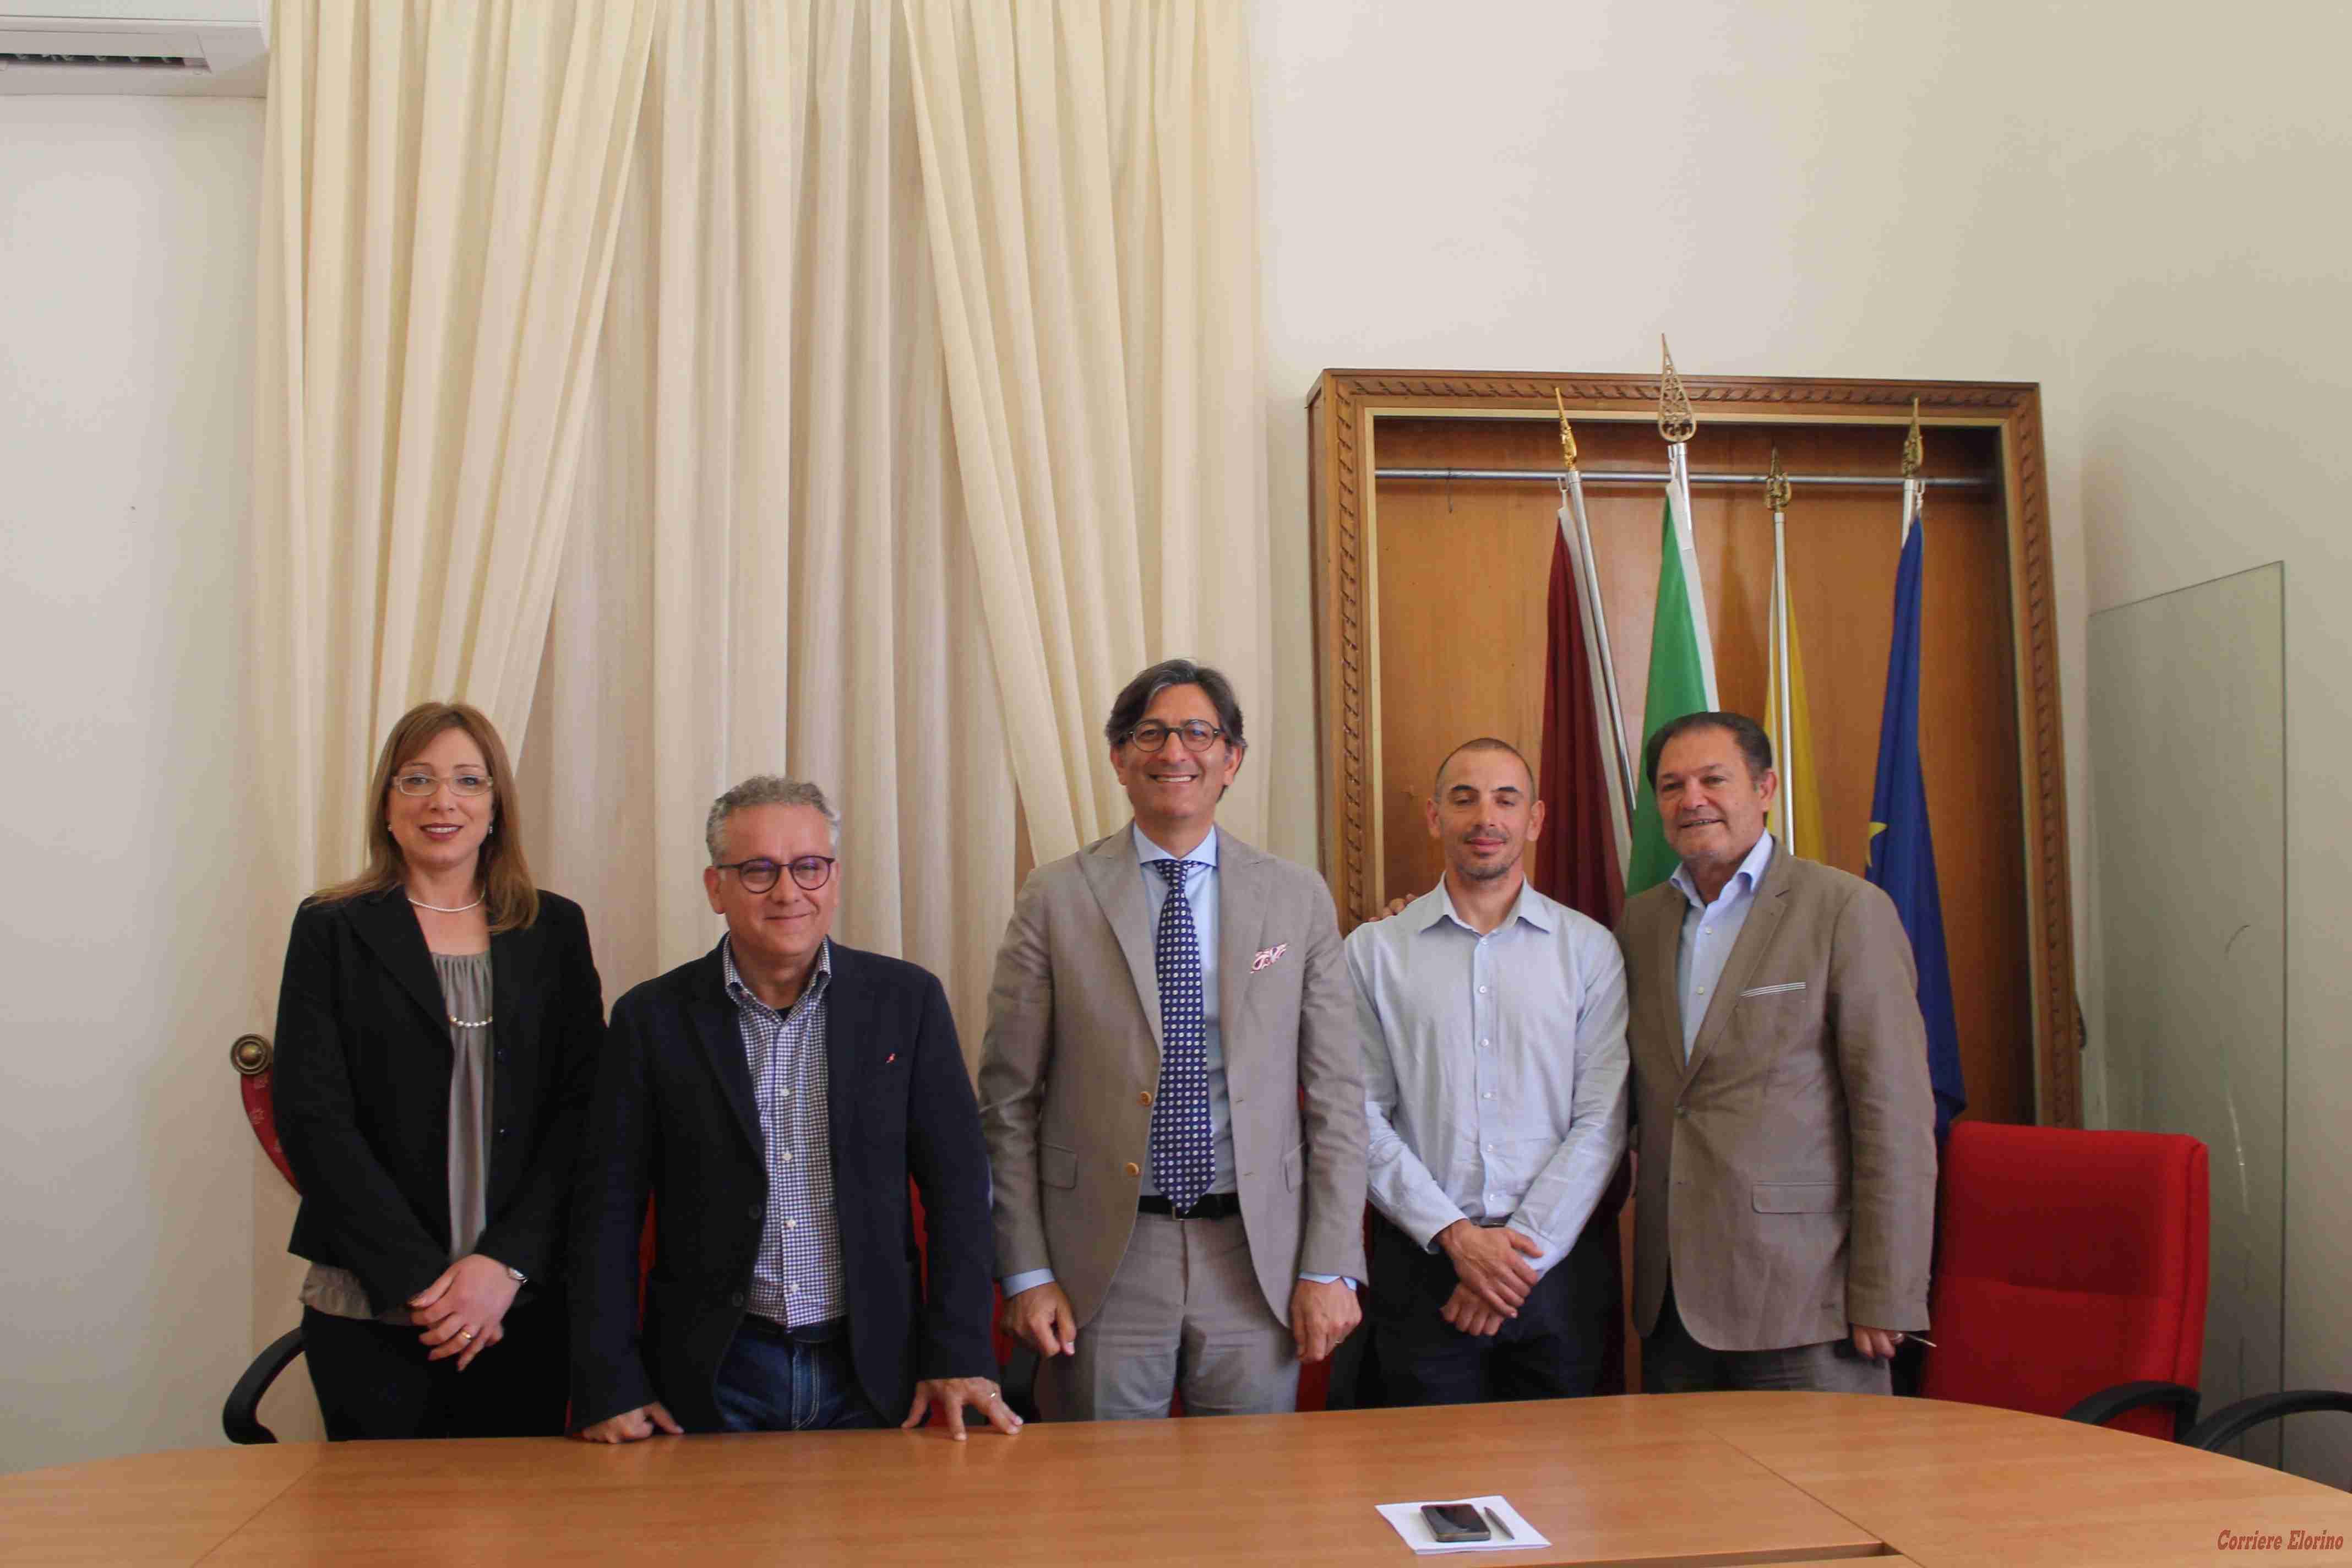 Presentati i due nuovi assessori Michele Floriddia e Francesco Listro